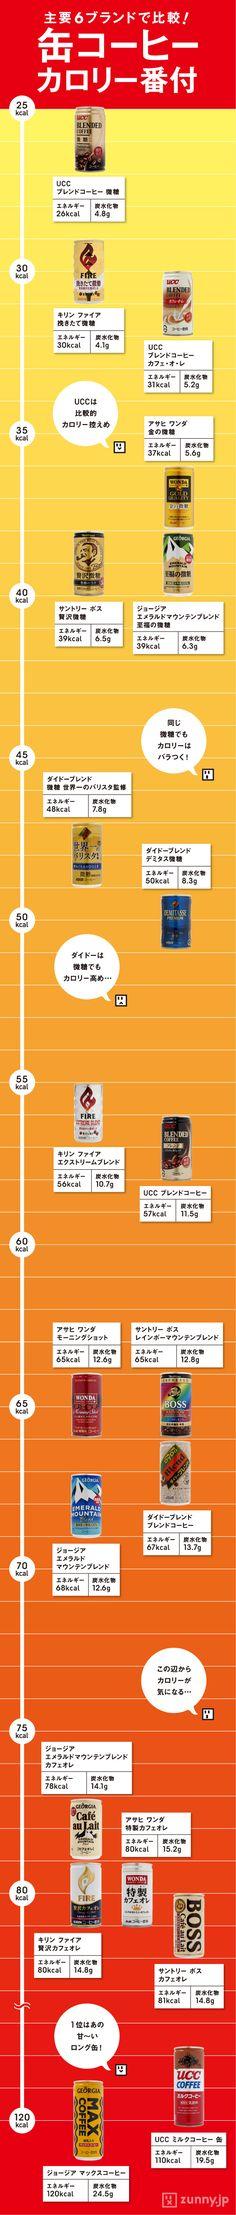 主要6ブランド 缶コーヒーカロリー番付 | ZUNNY インフォグラフィック・ニュース